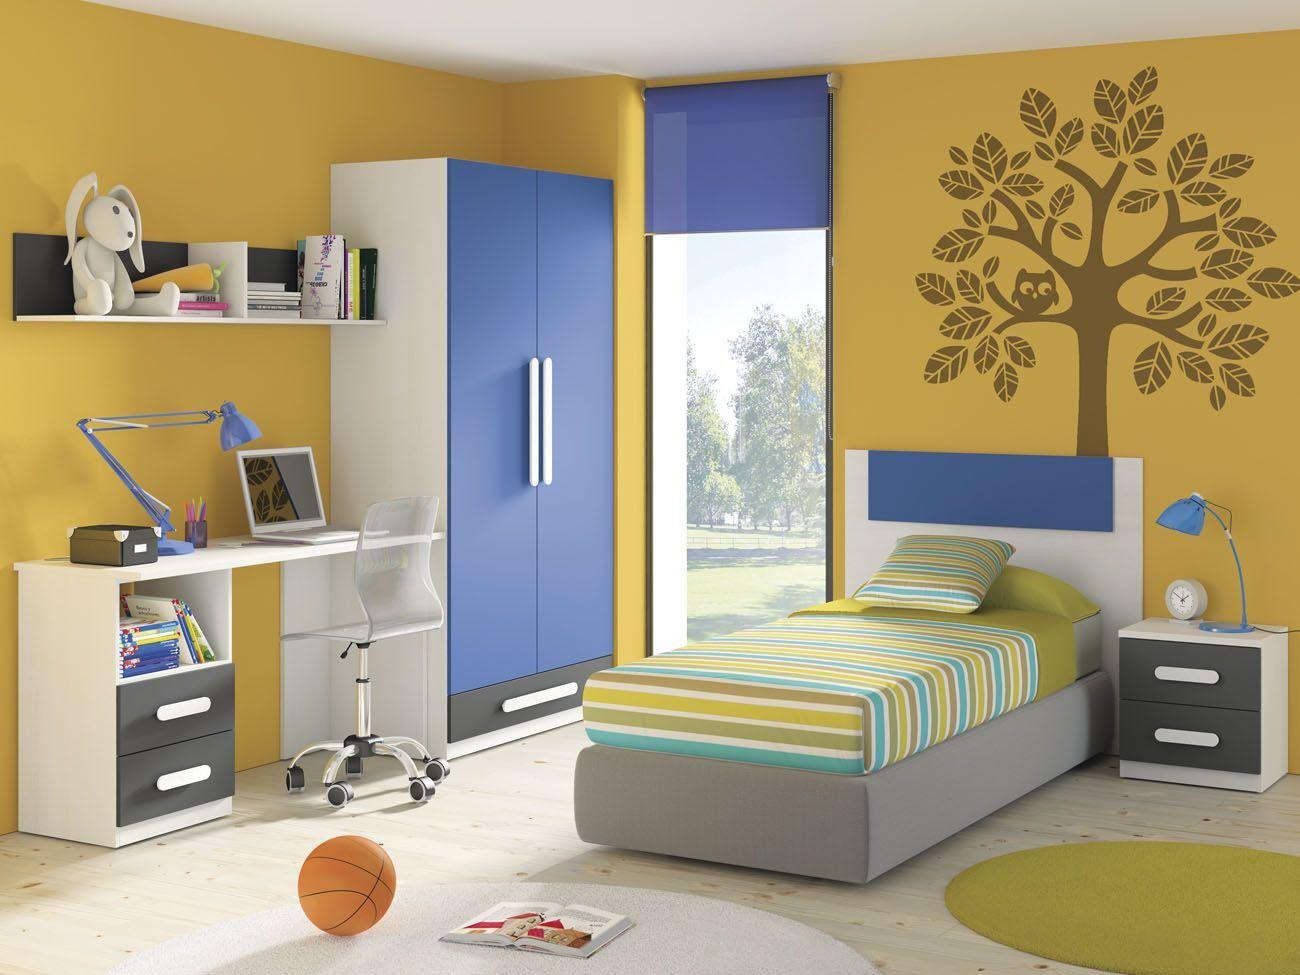 Dormitorios infantiles el mueble - El mueble dormitorio juvenil ...